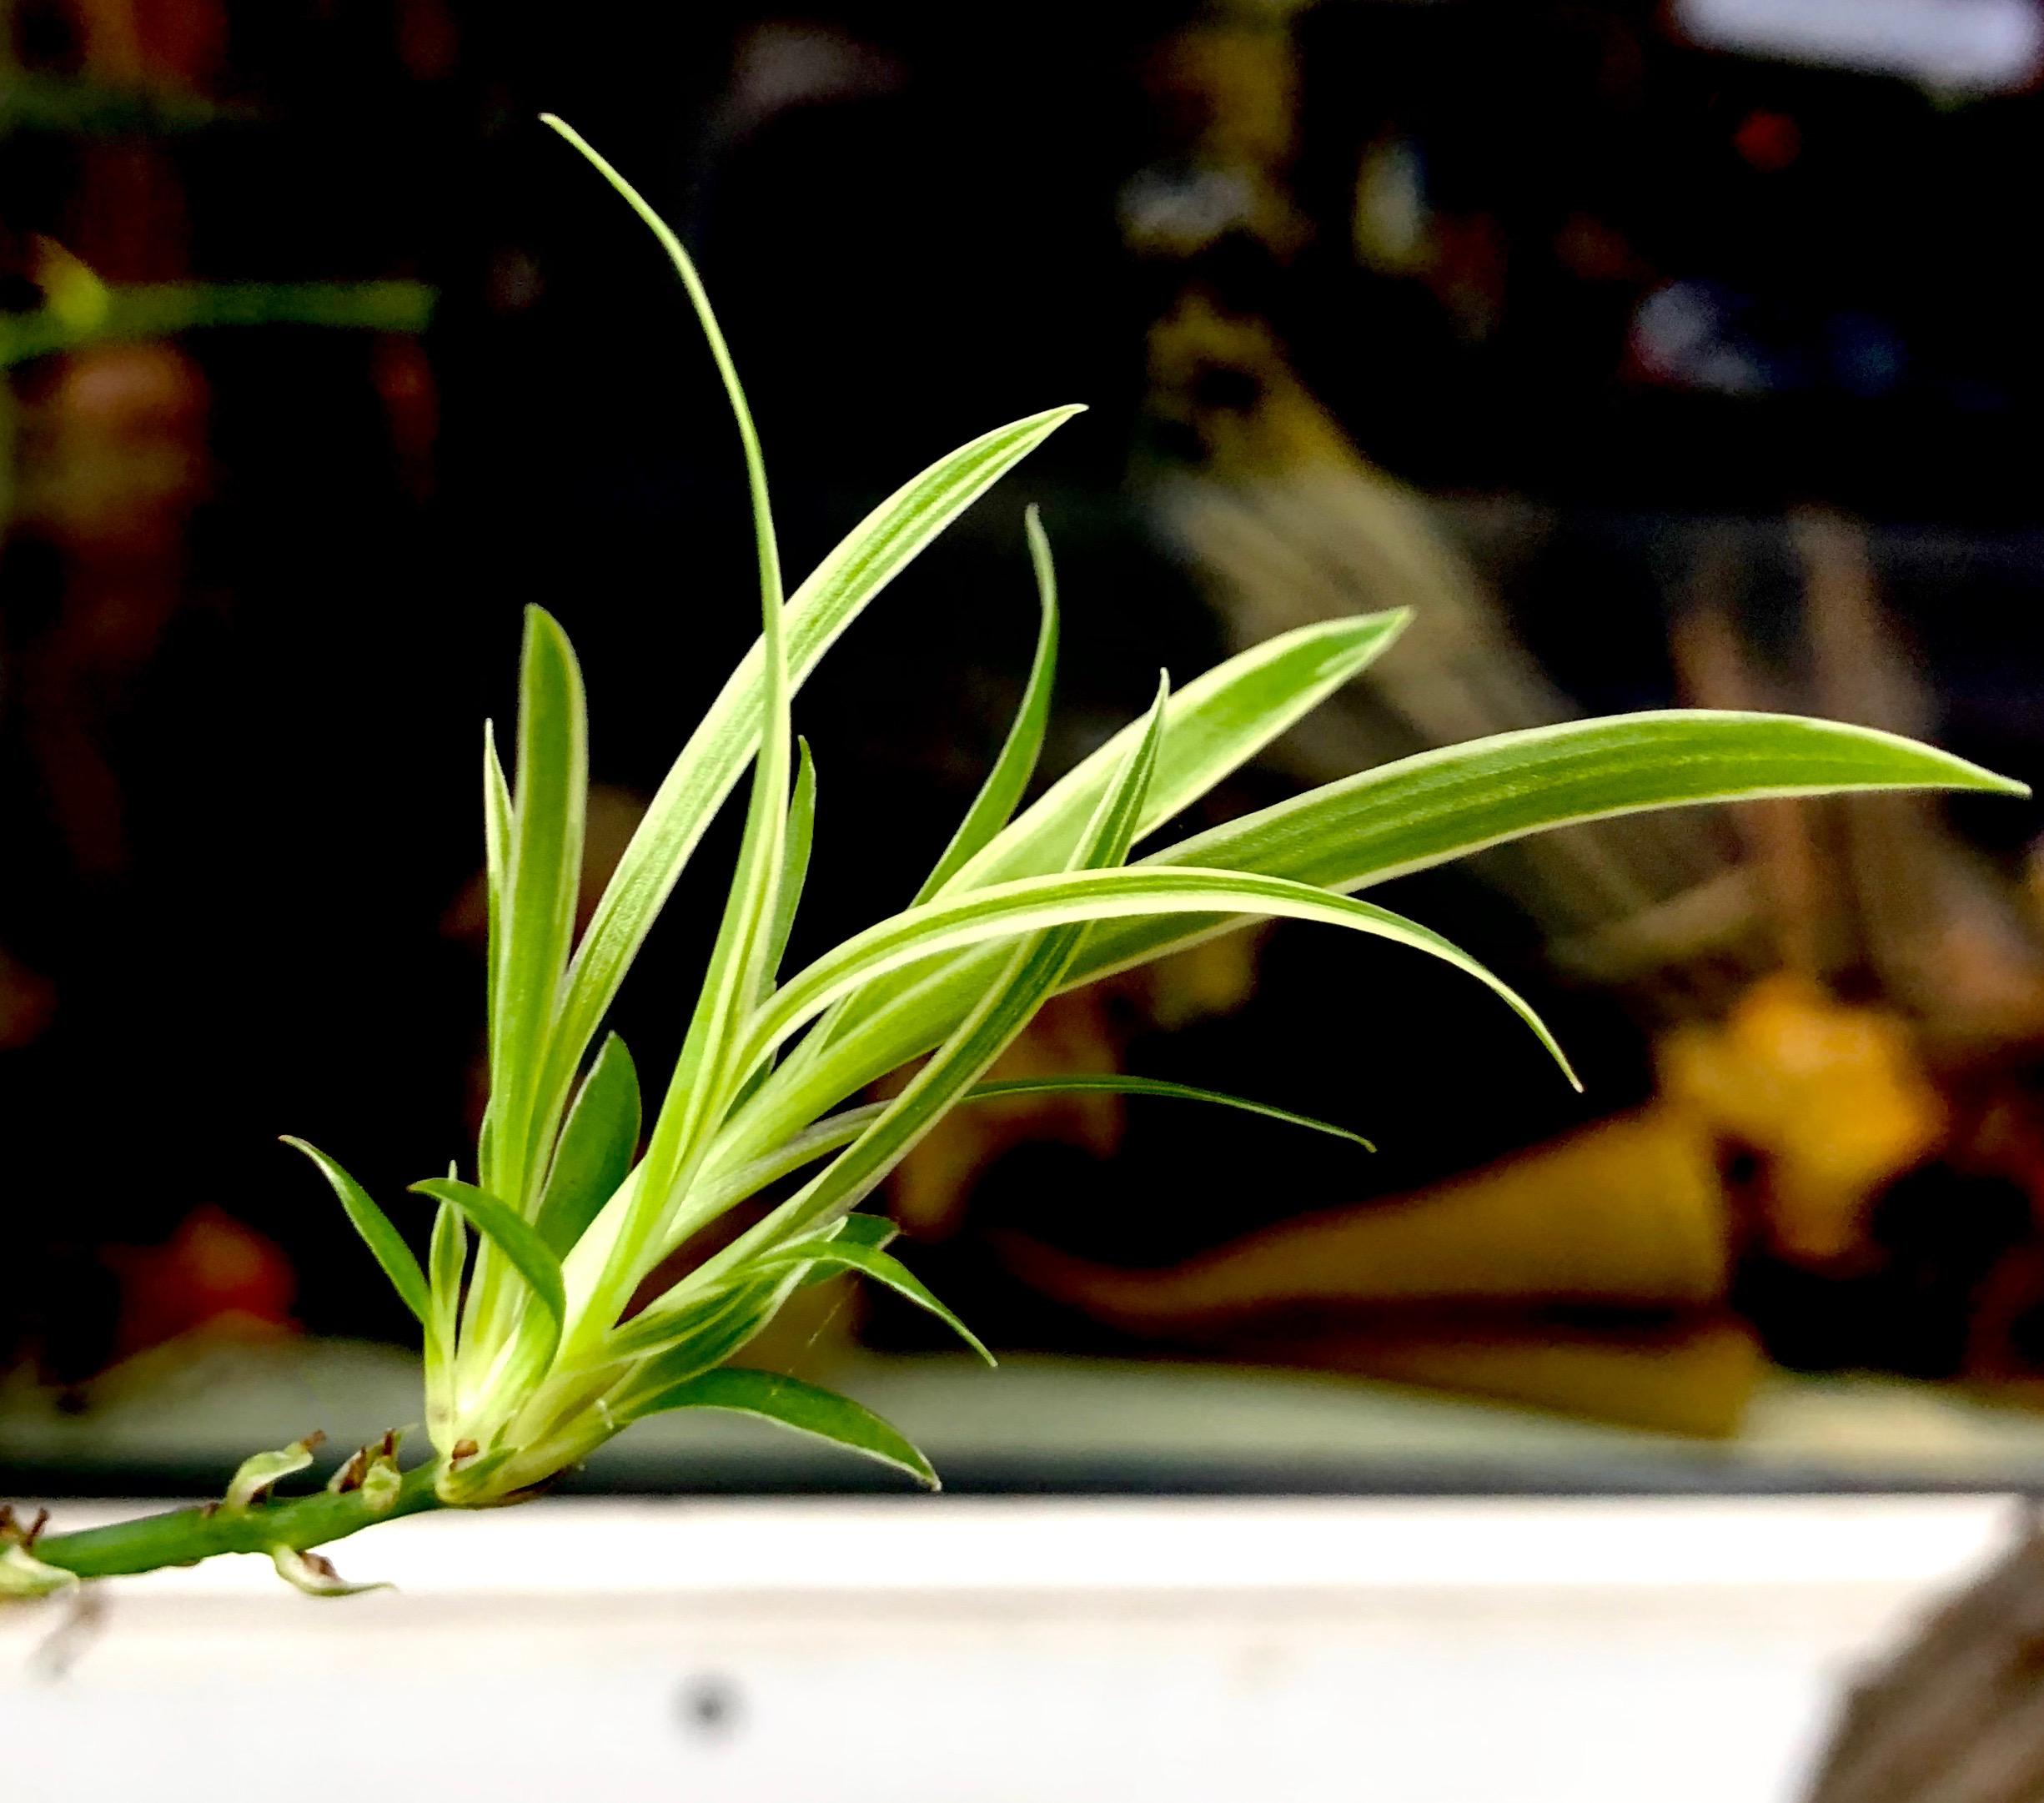 På engelsk kaldes den 'Spider plant', hvilket må hentyde til de små 'børn', som godt kan ligne edderkopper. Jeg har også hørt den omtalt som 'Kast børnene ud af vinduet'.